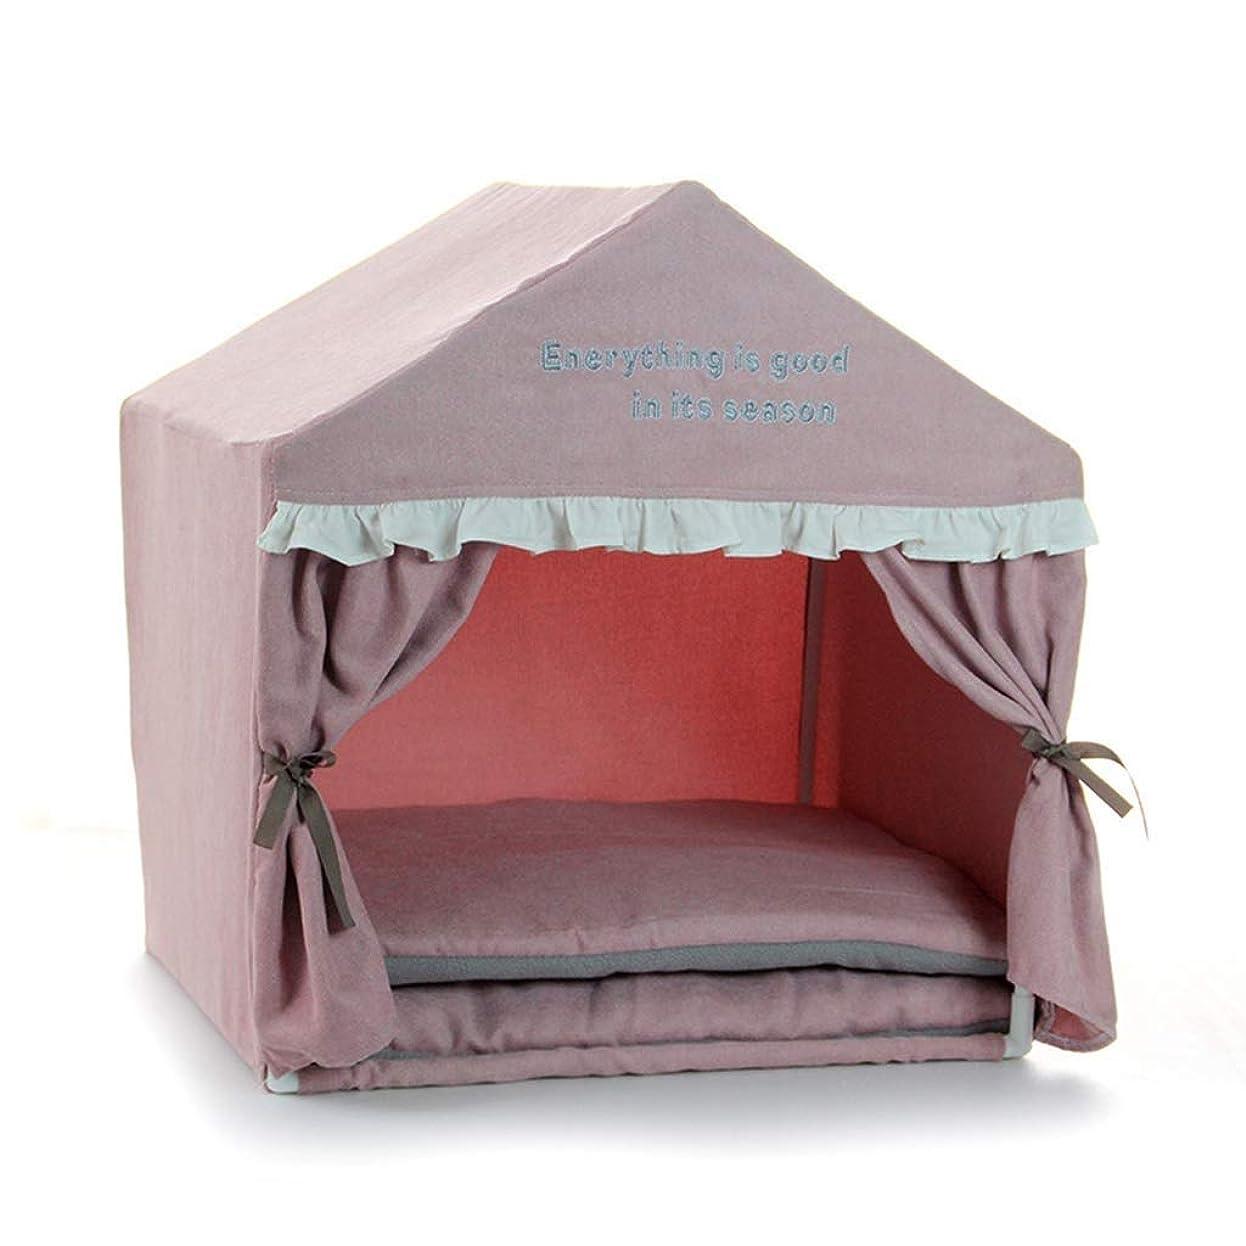 ポケットお手伝いさん悲しいことにペット用品 ペットテント折りたたみ屋内、ペットテントハウス取り外し可能と洗える、ペットプレイハウスクイックアセンブリ広々とした快適な、ペットテントベッドポータブル折りたたみ (Color : Pink)